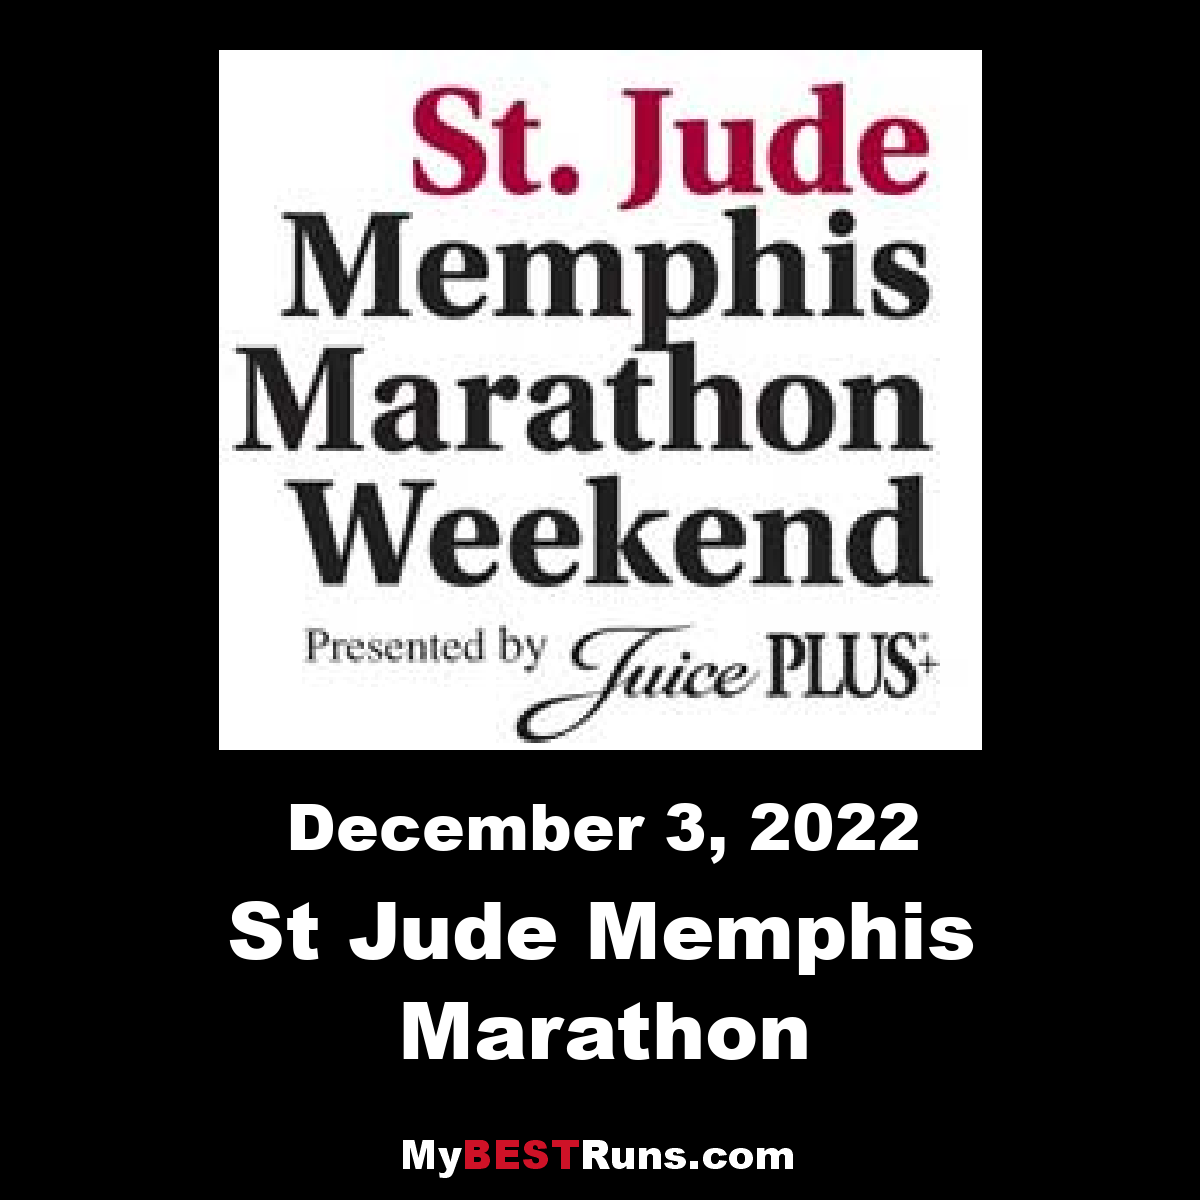 St Jude Memphis Marathon